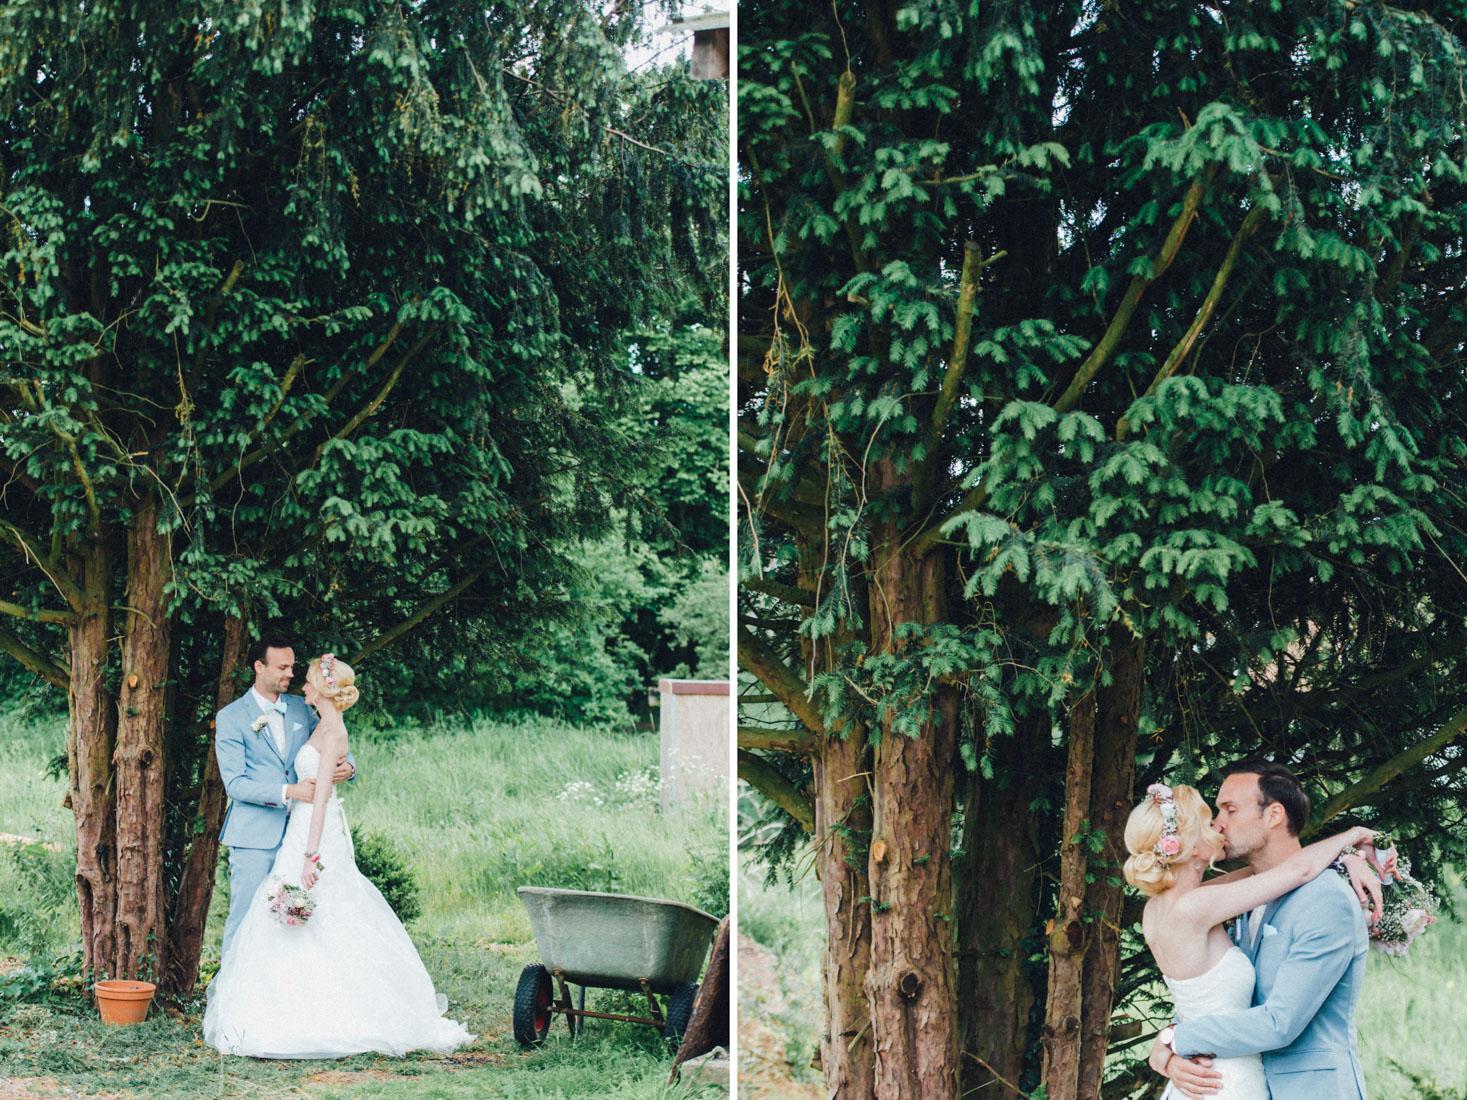 pastel-vintage-hertefeld-110 hochzeitsfotograf schloss hertefeldGalina & Robert DIY Pastel Vintage Hochzeit auf Schloss Hertefeldpastel vintage hertefeld 110